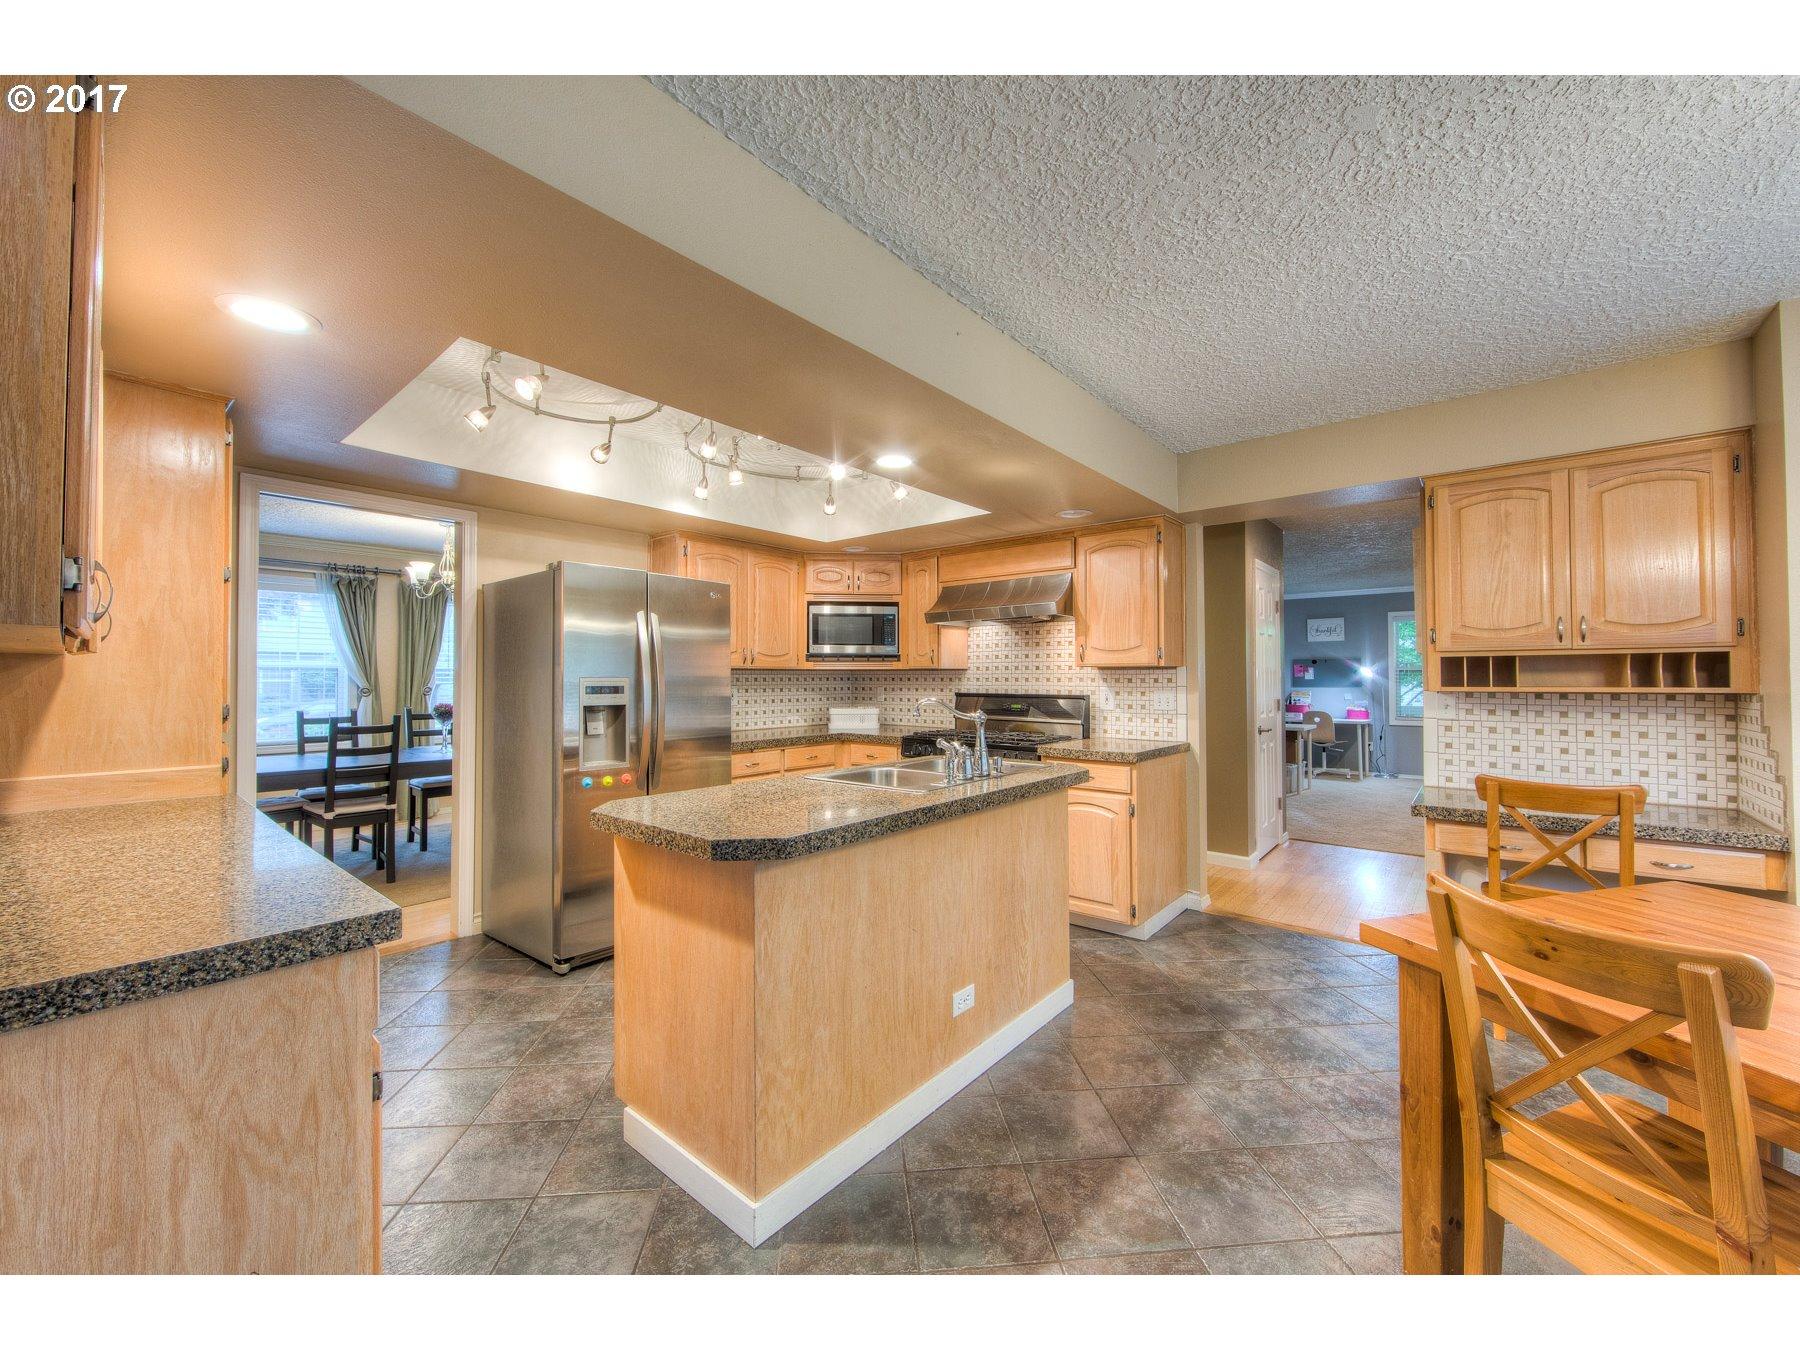 15715 NE 26TH ST Vancouver, WA 98684 - MLS #: 17209725